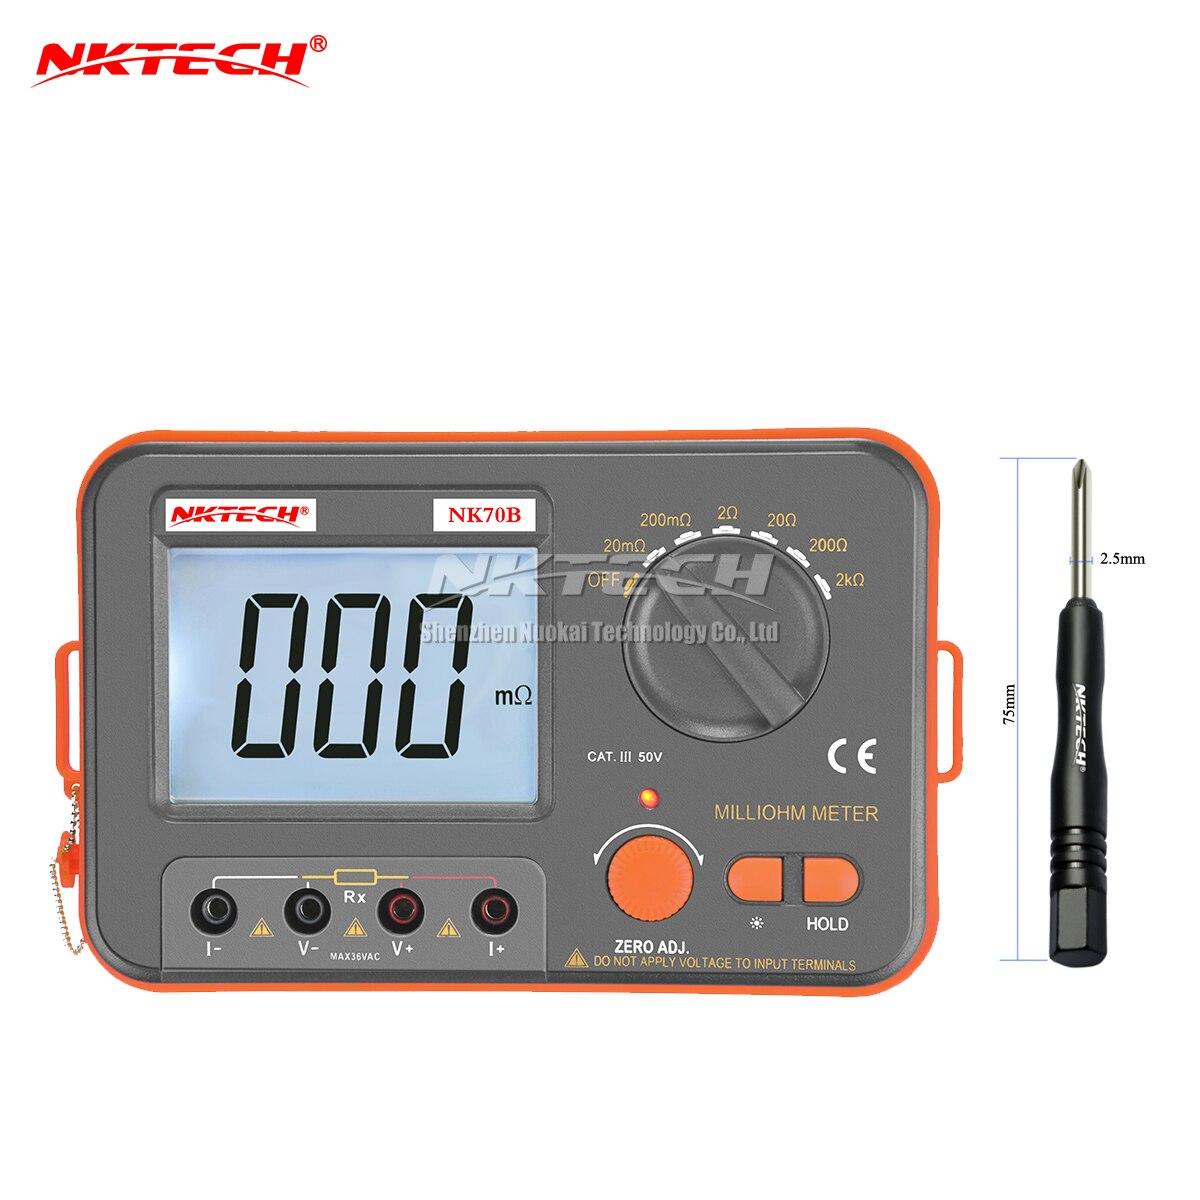 NKTECH Multímetro Digital Milli-ohm Multimetro Testador de Diagnóstico-ferramenta NK70B Retroiluminado Medidor Com 4 Fios Medidor de Teste de Atualização versão